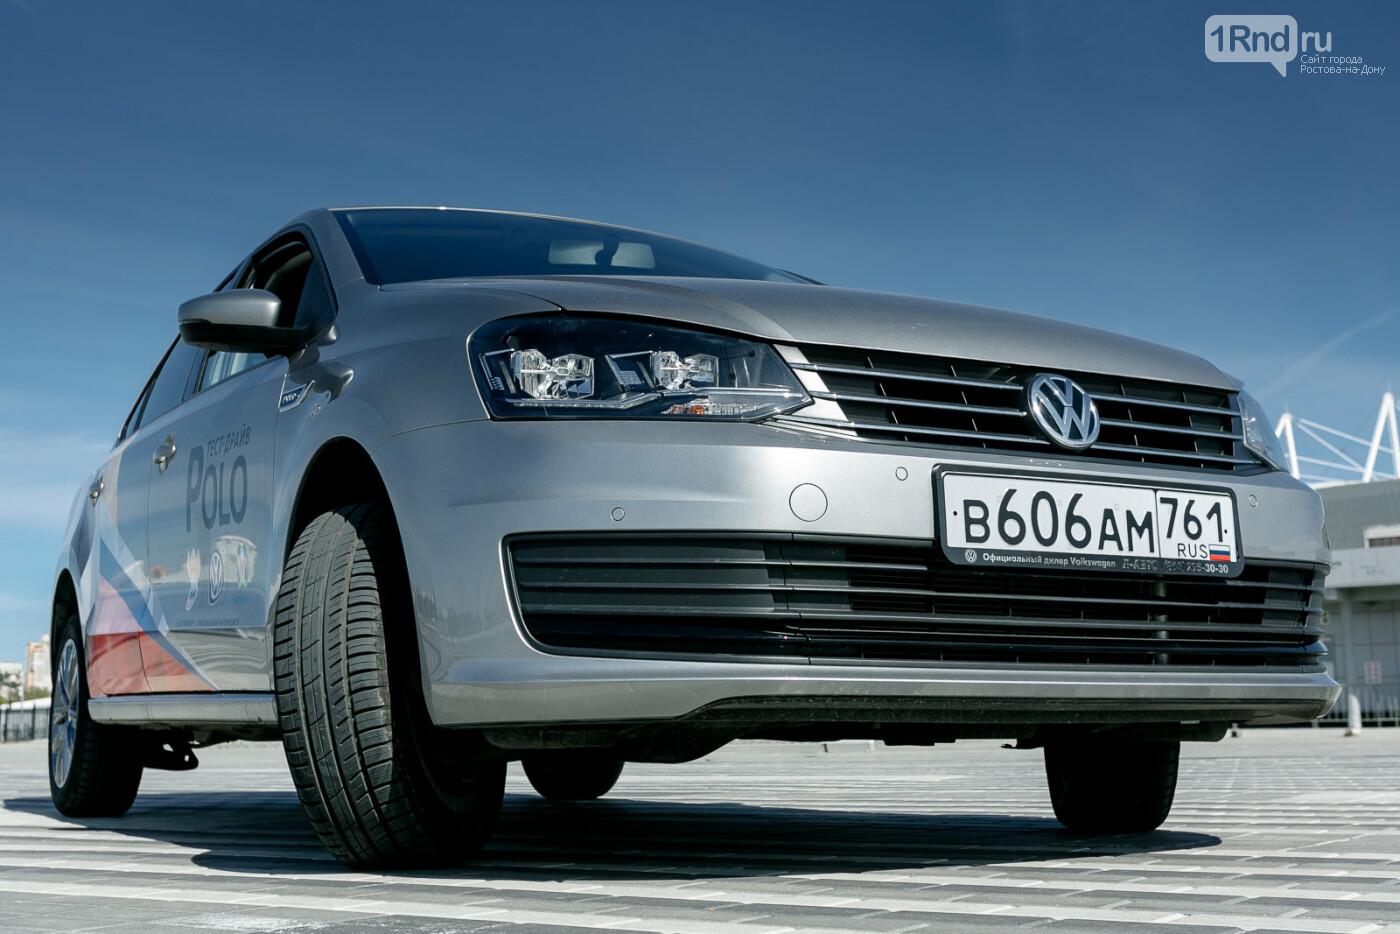 Тест-драйв Volkswagen Polo: узнай, причем здесь футбол, фото-17